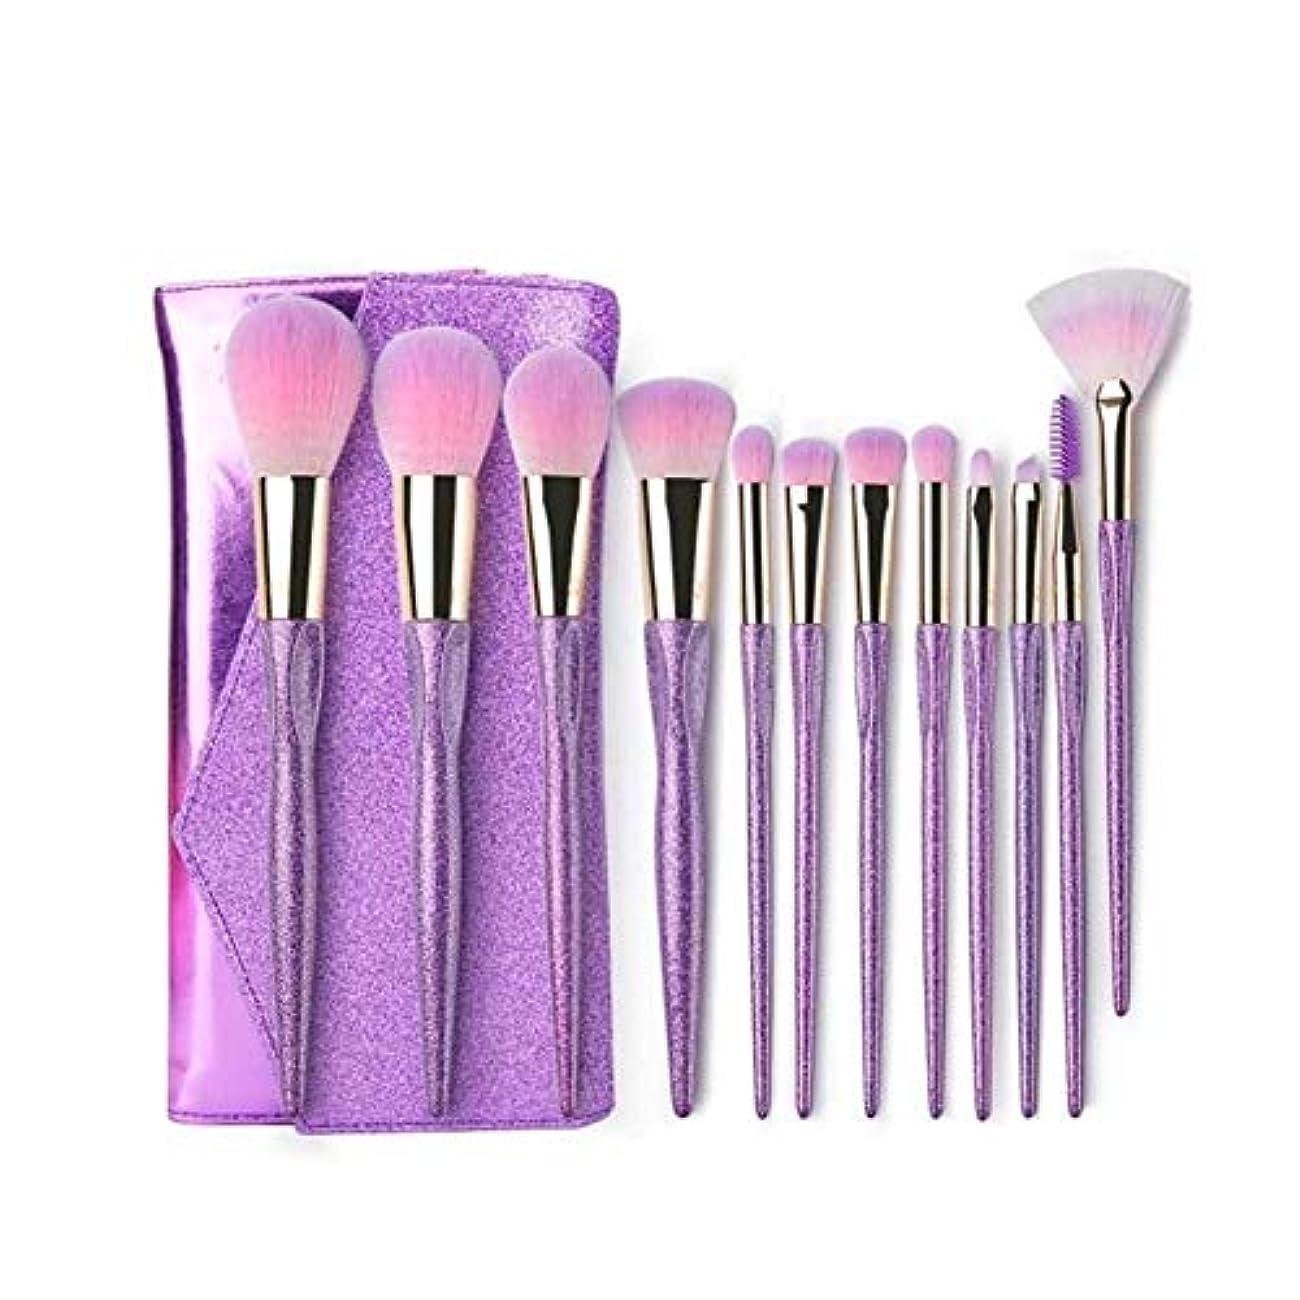 シンポジウム貞口頭TUOFL メイクブラシ、12メイクブラシセット、財団ブラシ高光沢ブラシアイシャドウブラシまつげカールセット、初心者メイクブラシ、ソフトで快適な (Color : Purple)